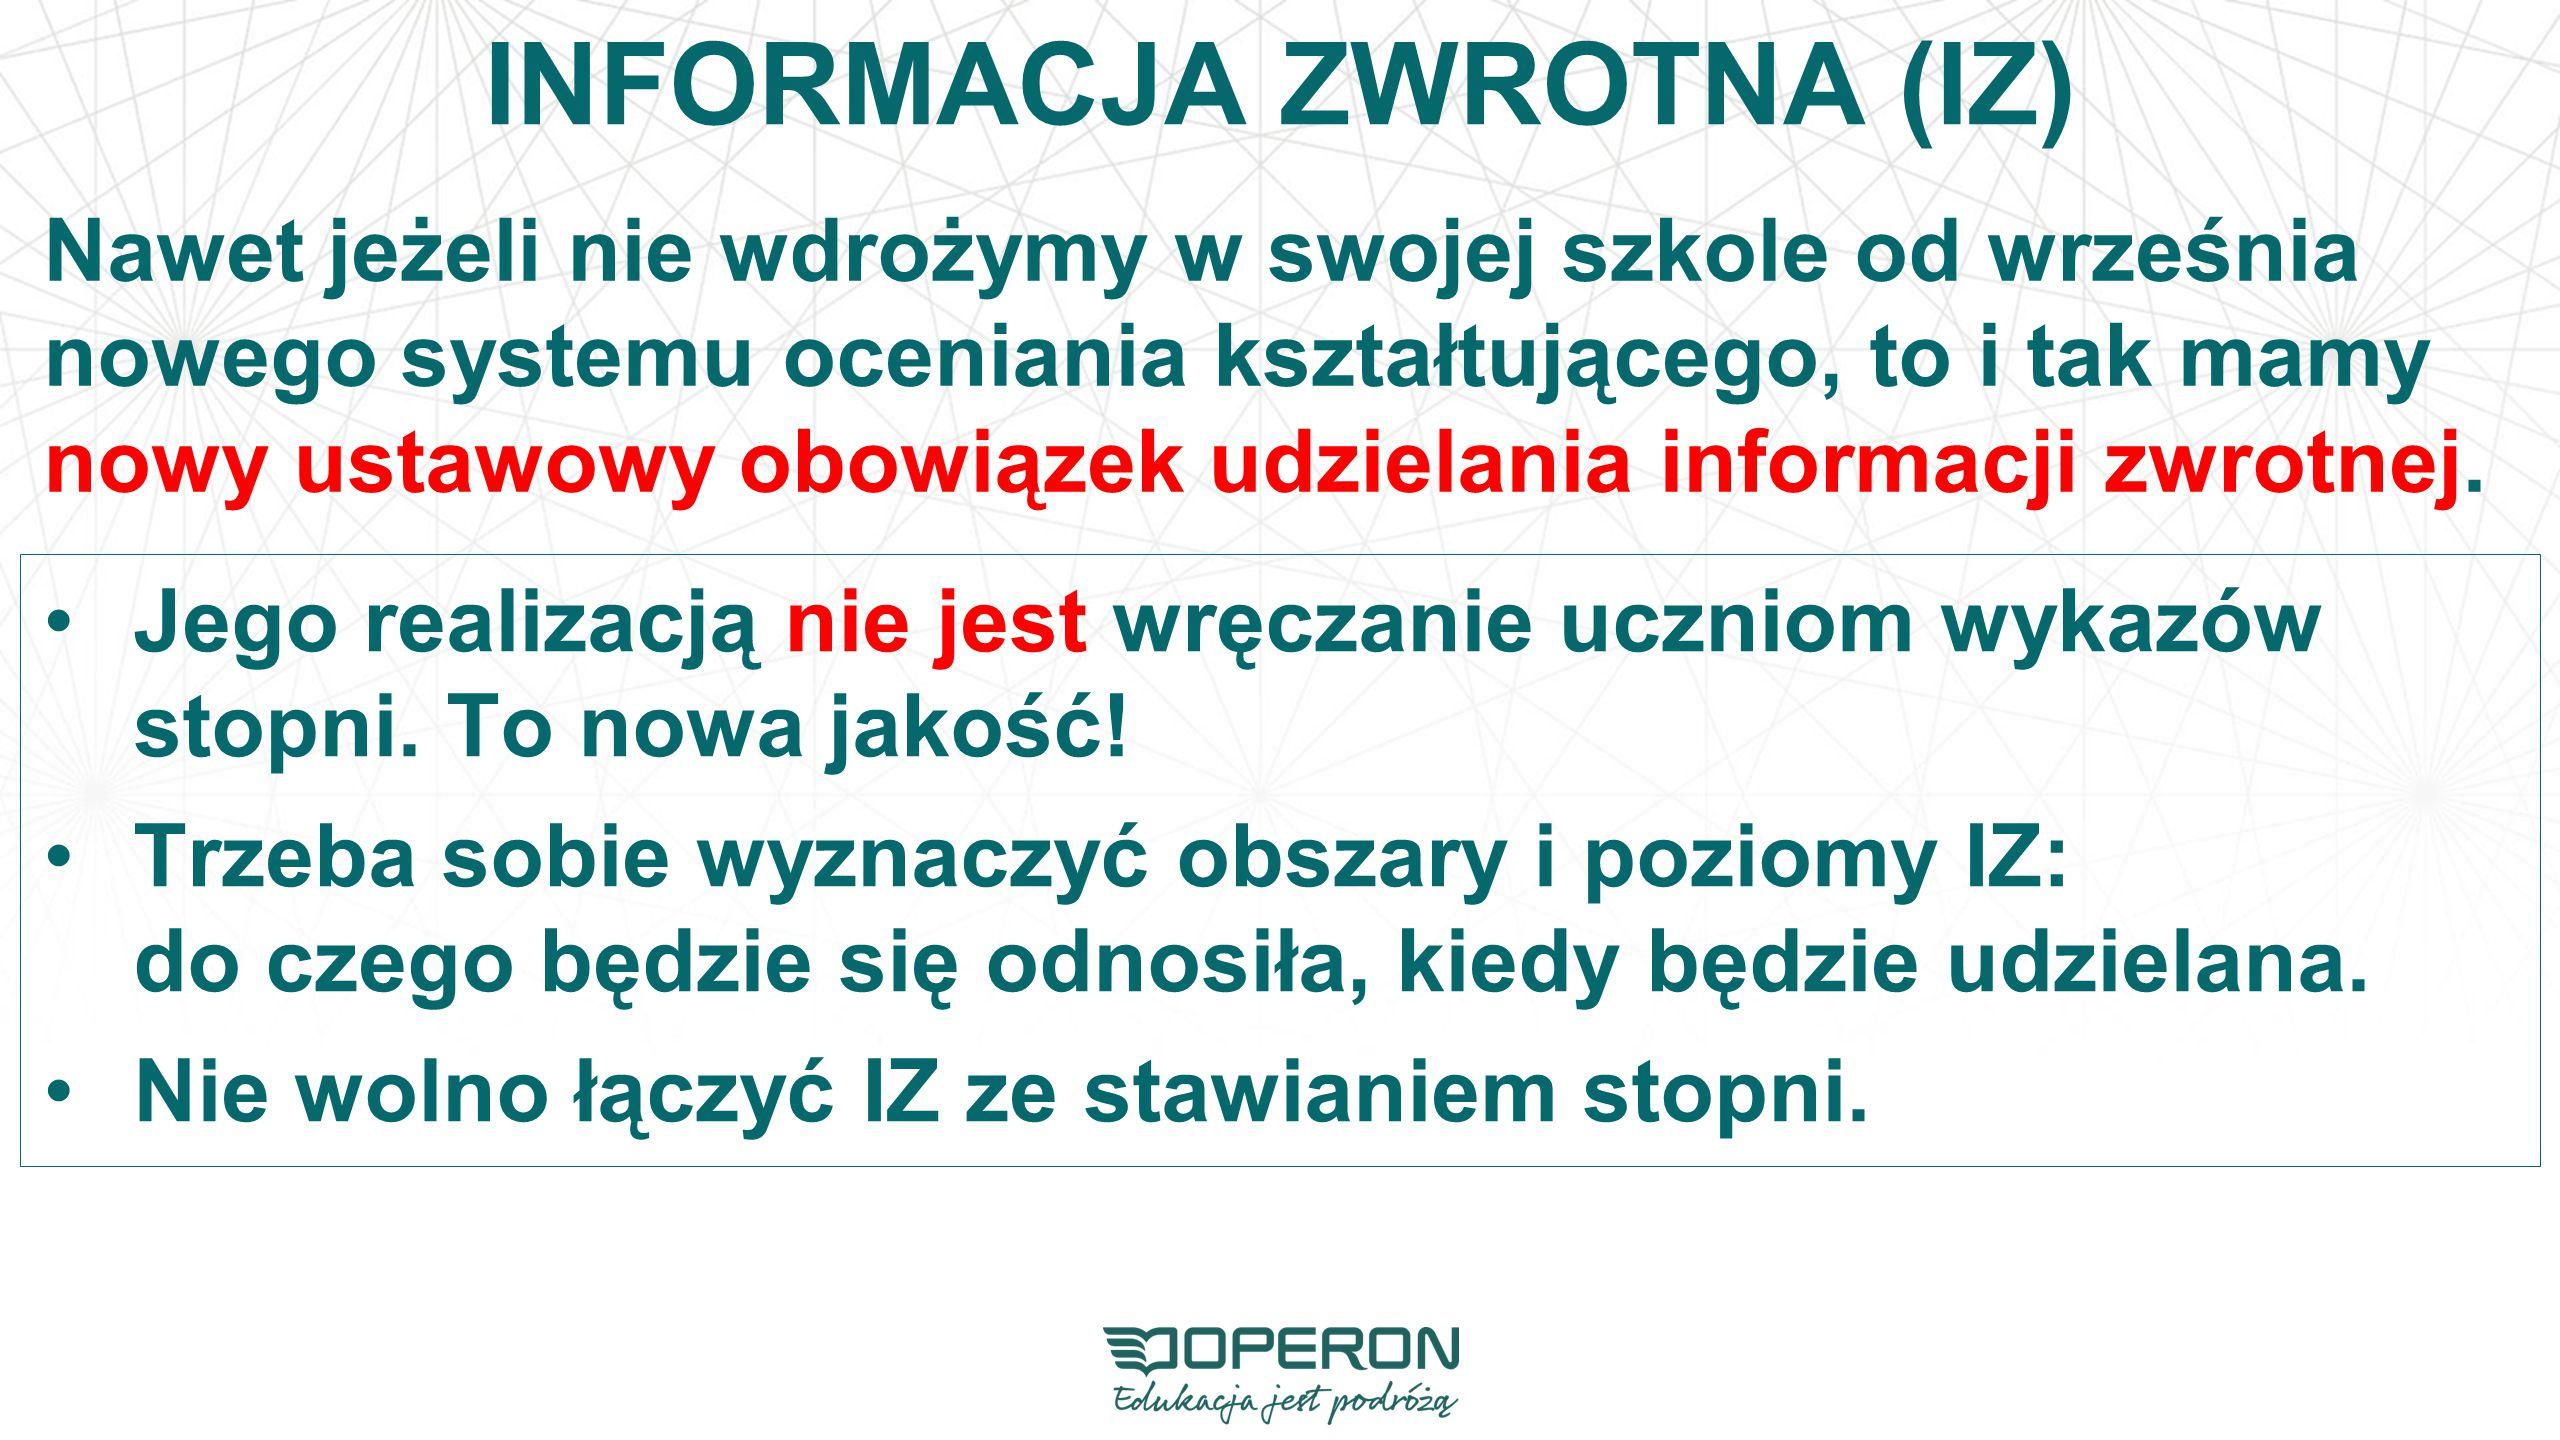 INFORMACJA ZWROTNA (IZ) Nawet jeżeli nie wdrożymy w swojej szkole od września nowego systemu oceniania kształtującego, to i tak mamy nowy ustawowy obowiązek udzielania informacji zwrotnej.